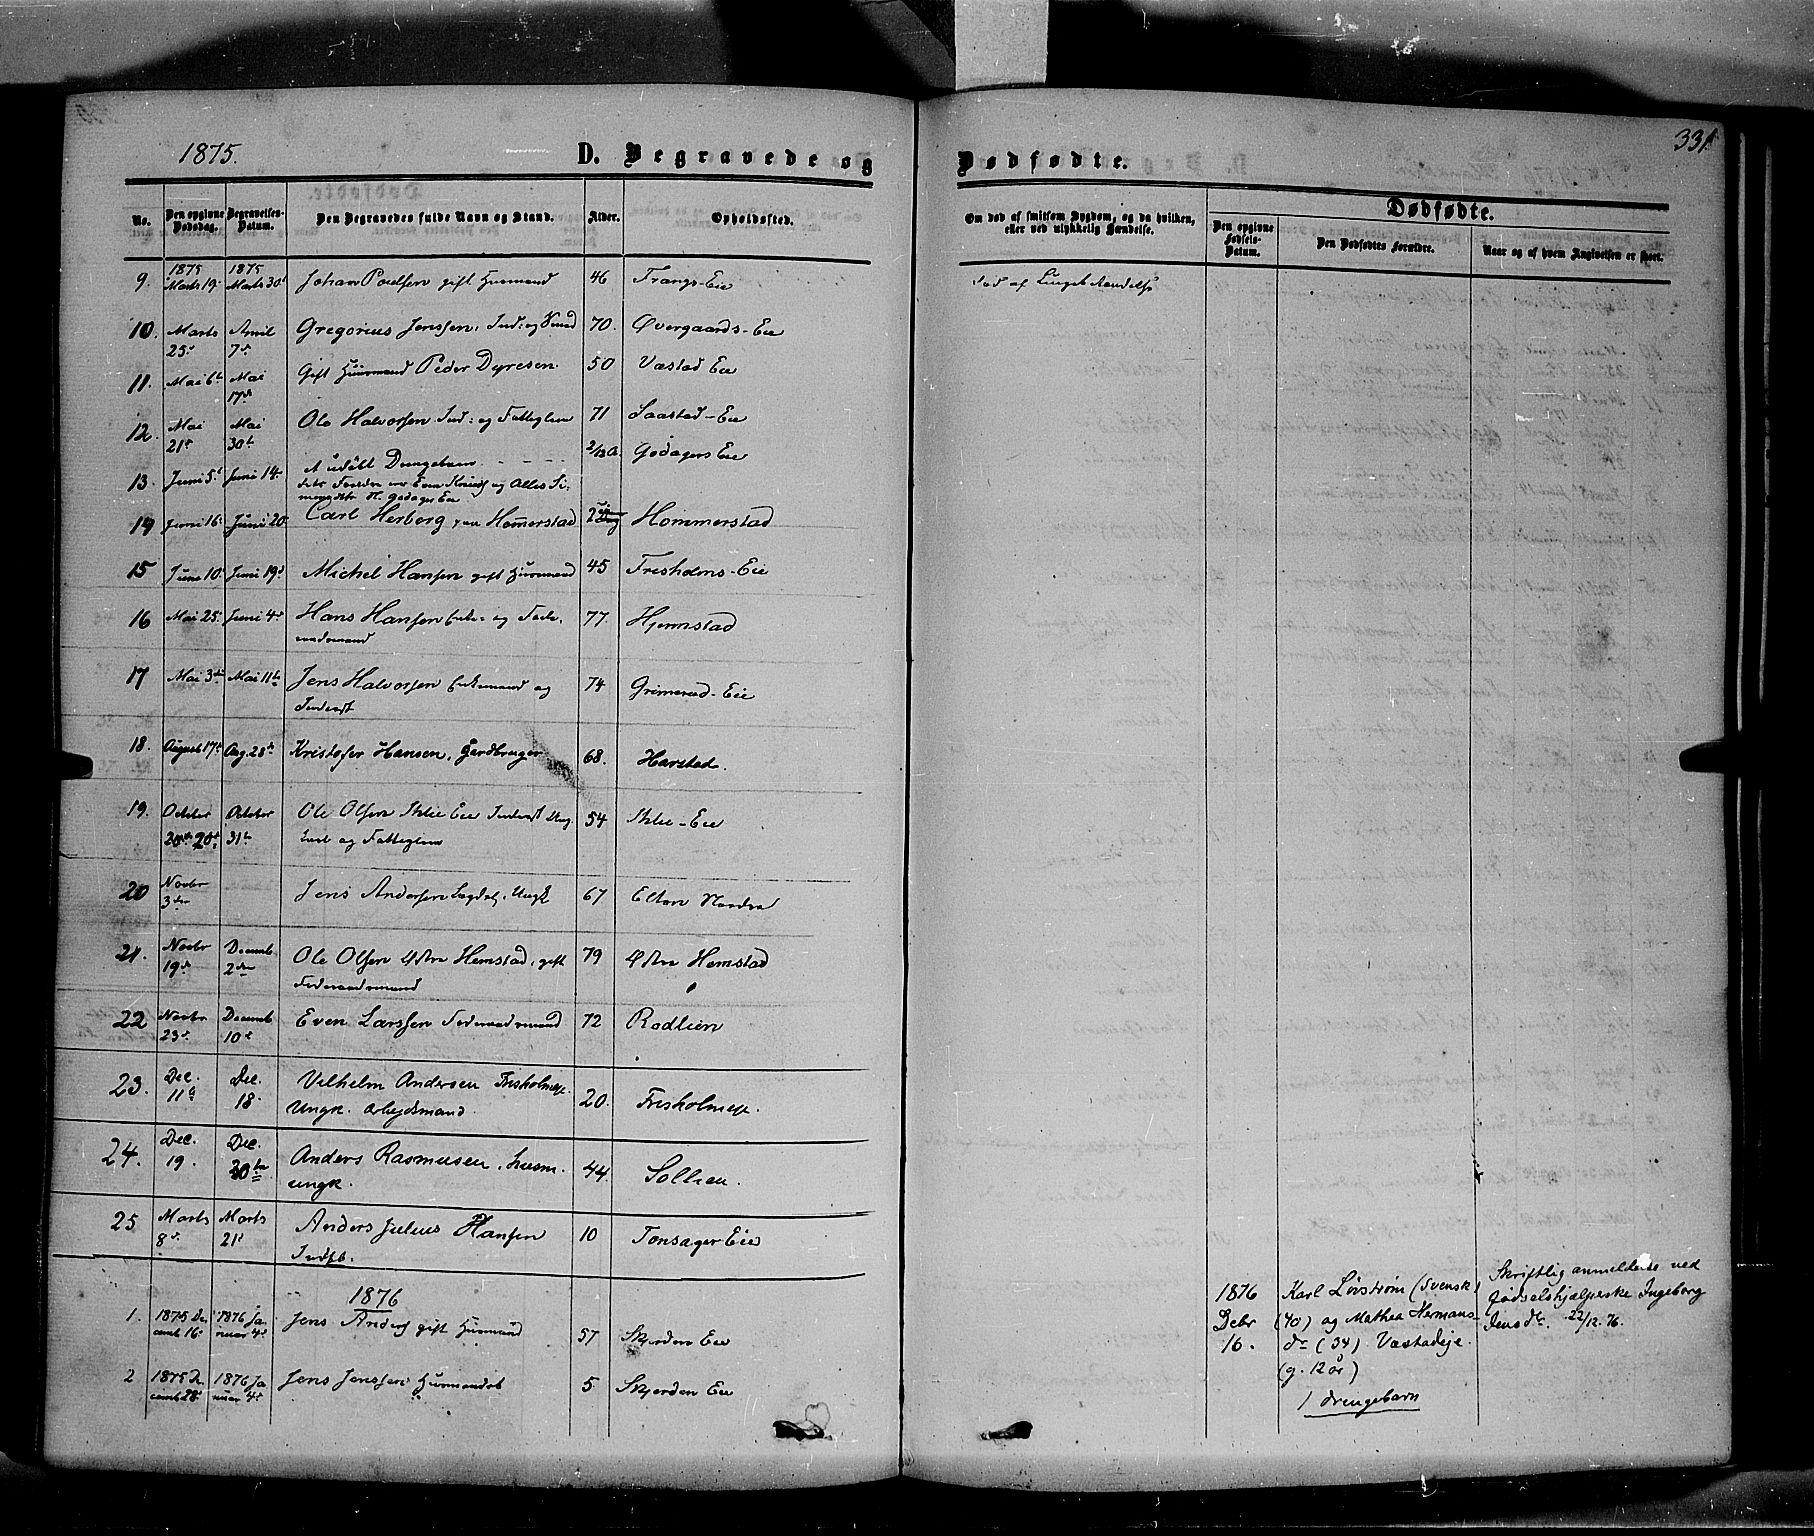 SAH, Stange prestekontor, K/L0013: Parish register (official) no. 13, 1862-1879, p. 331